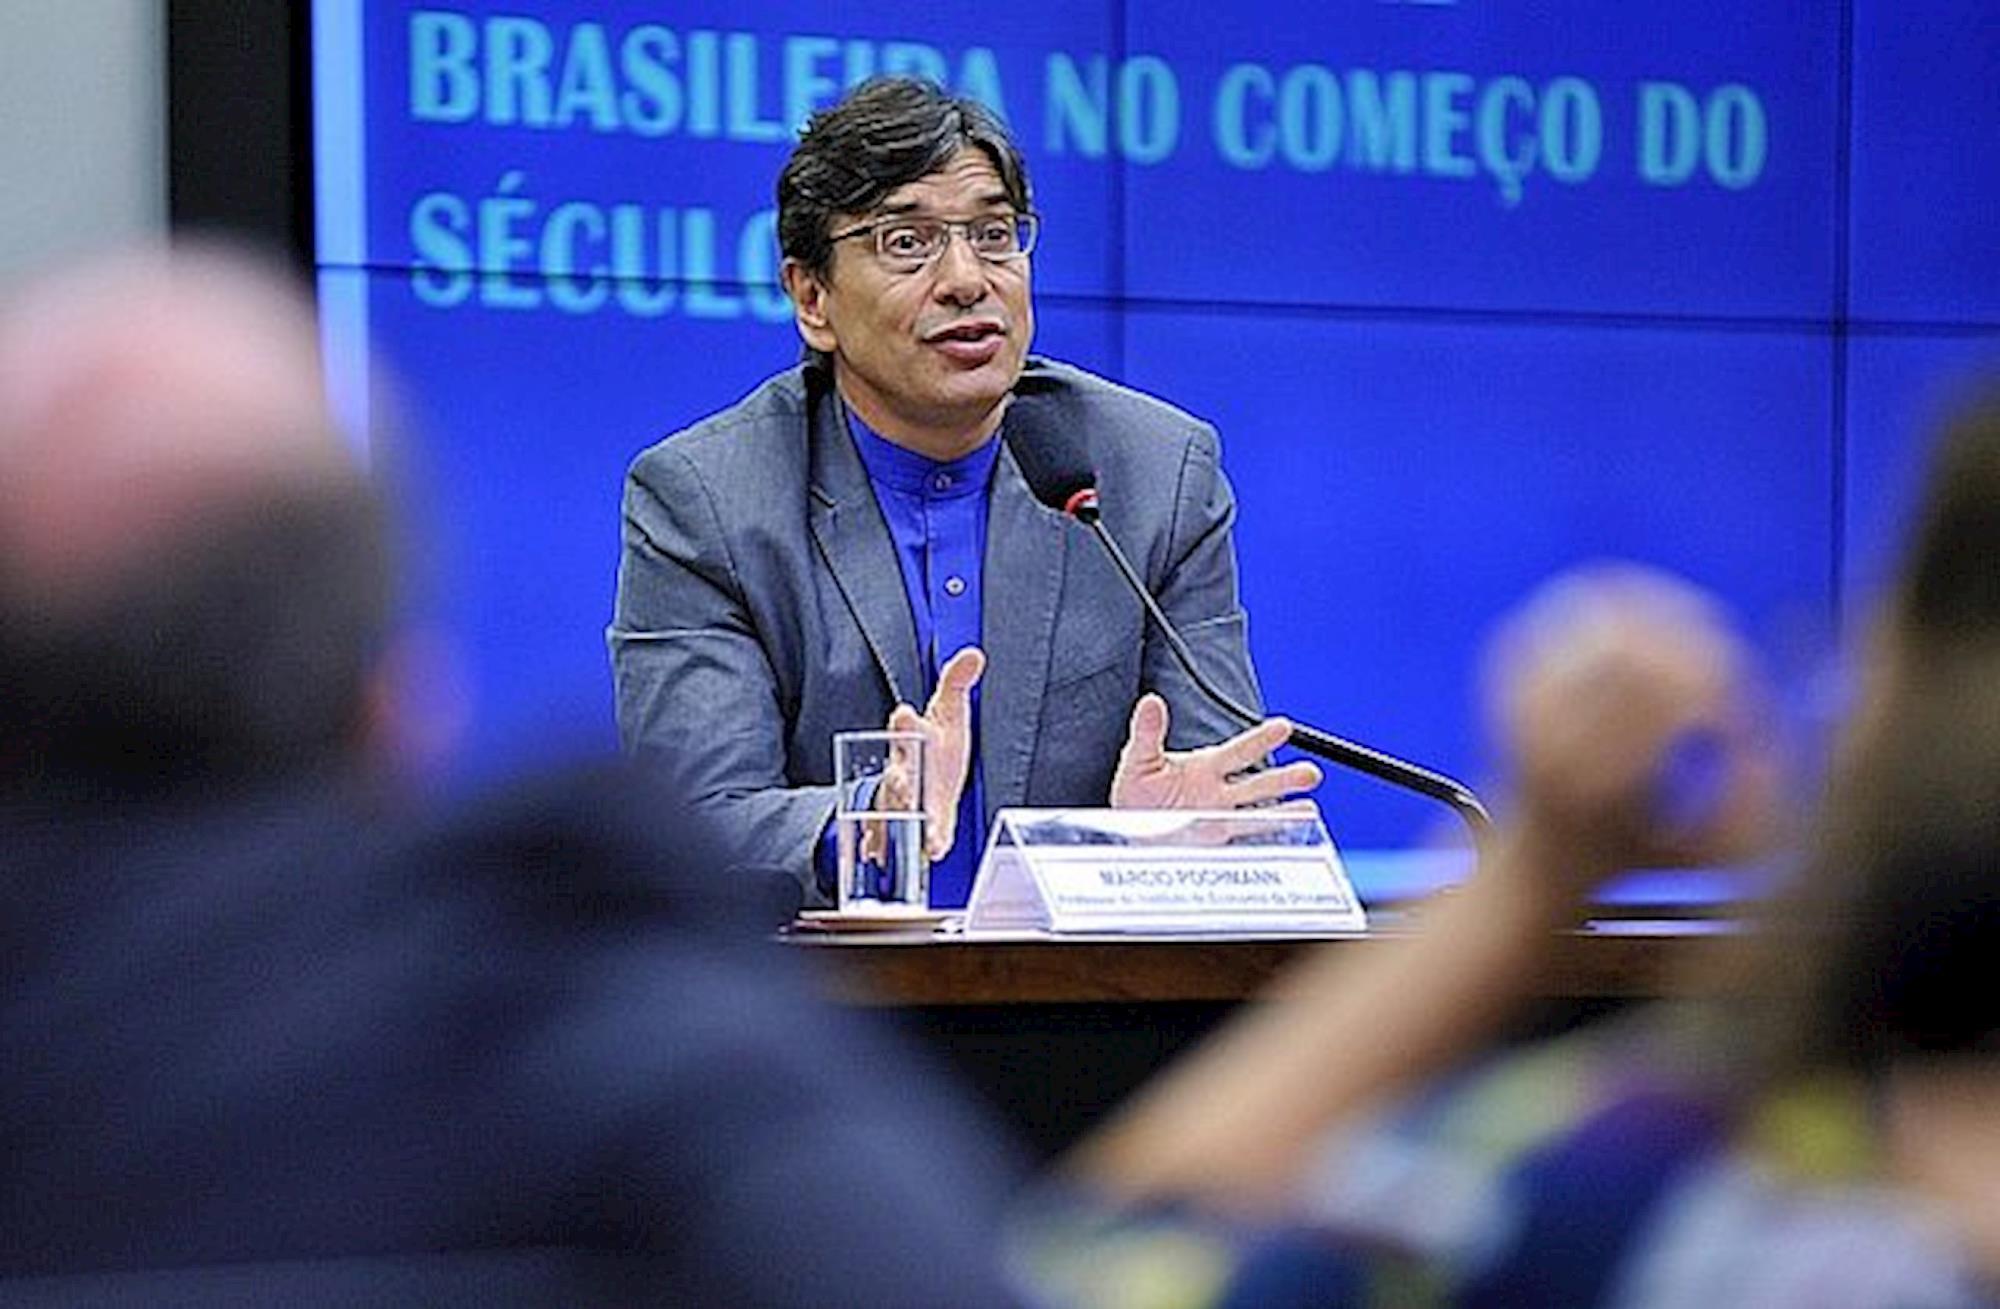 Pochmann, Márcio, previdência, Alex Ferreira/Camara dos Deputados